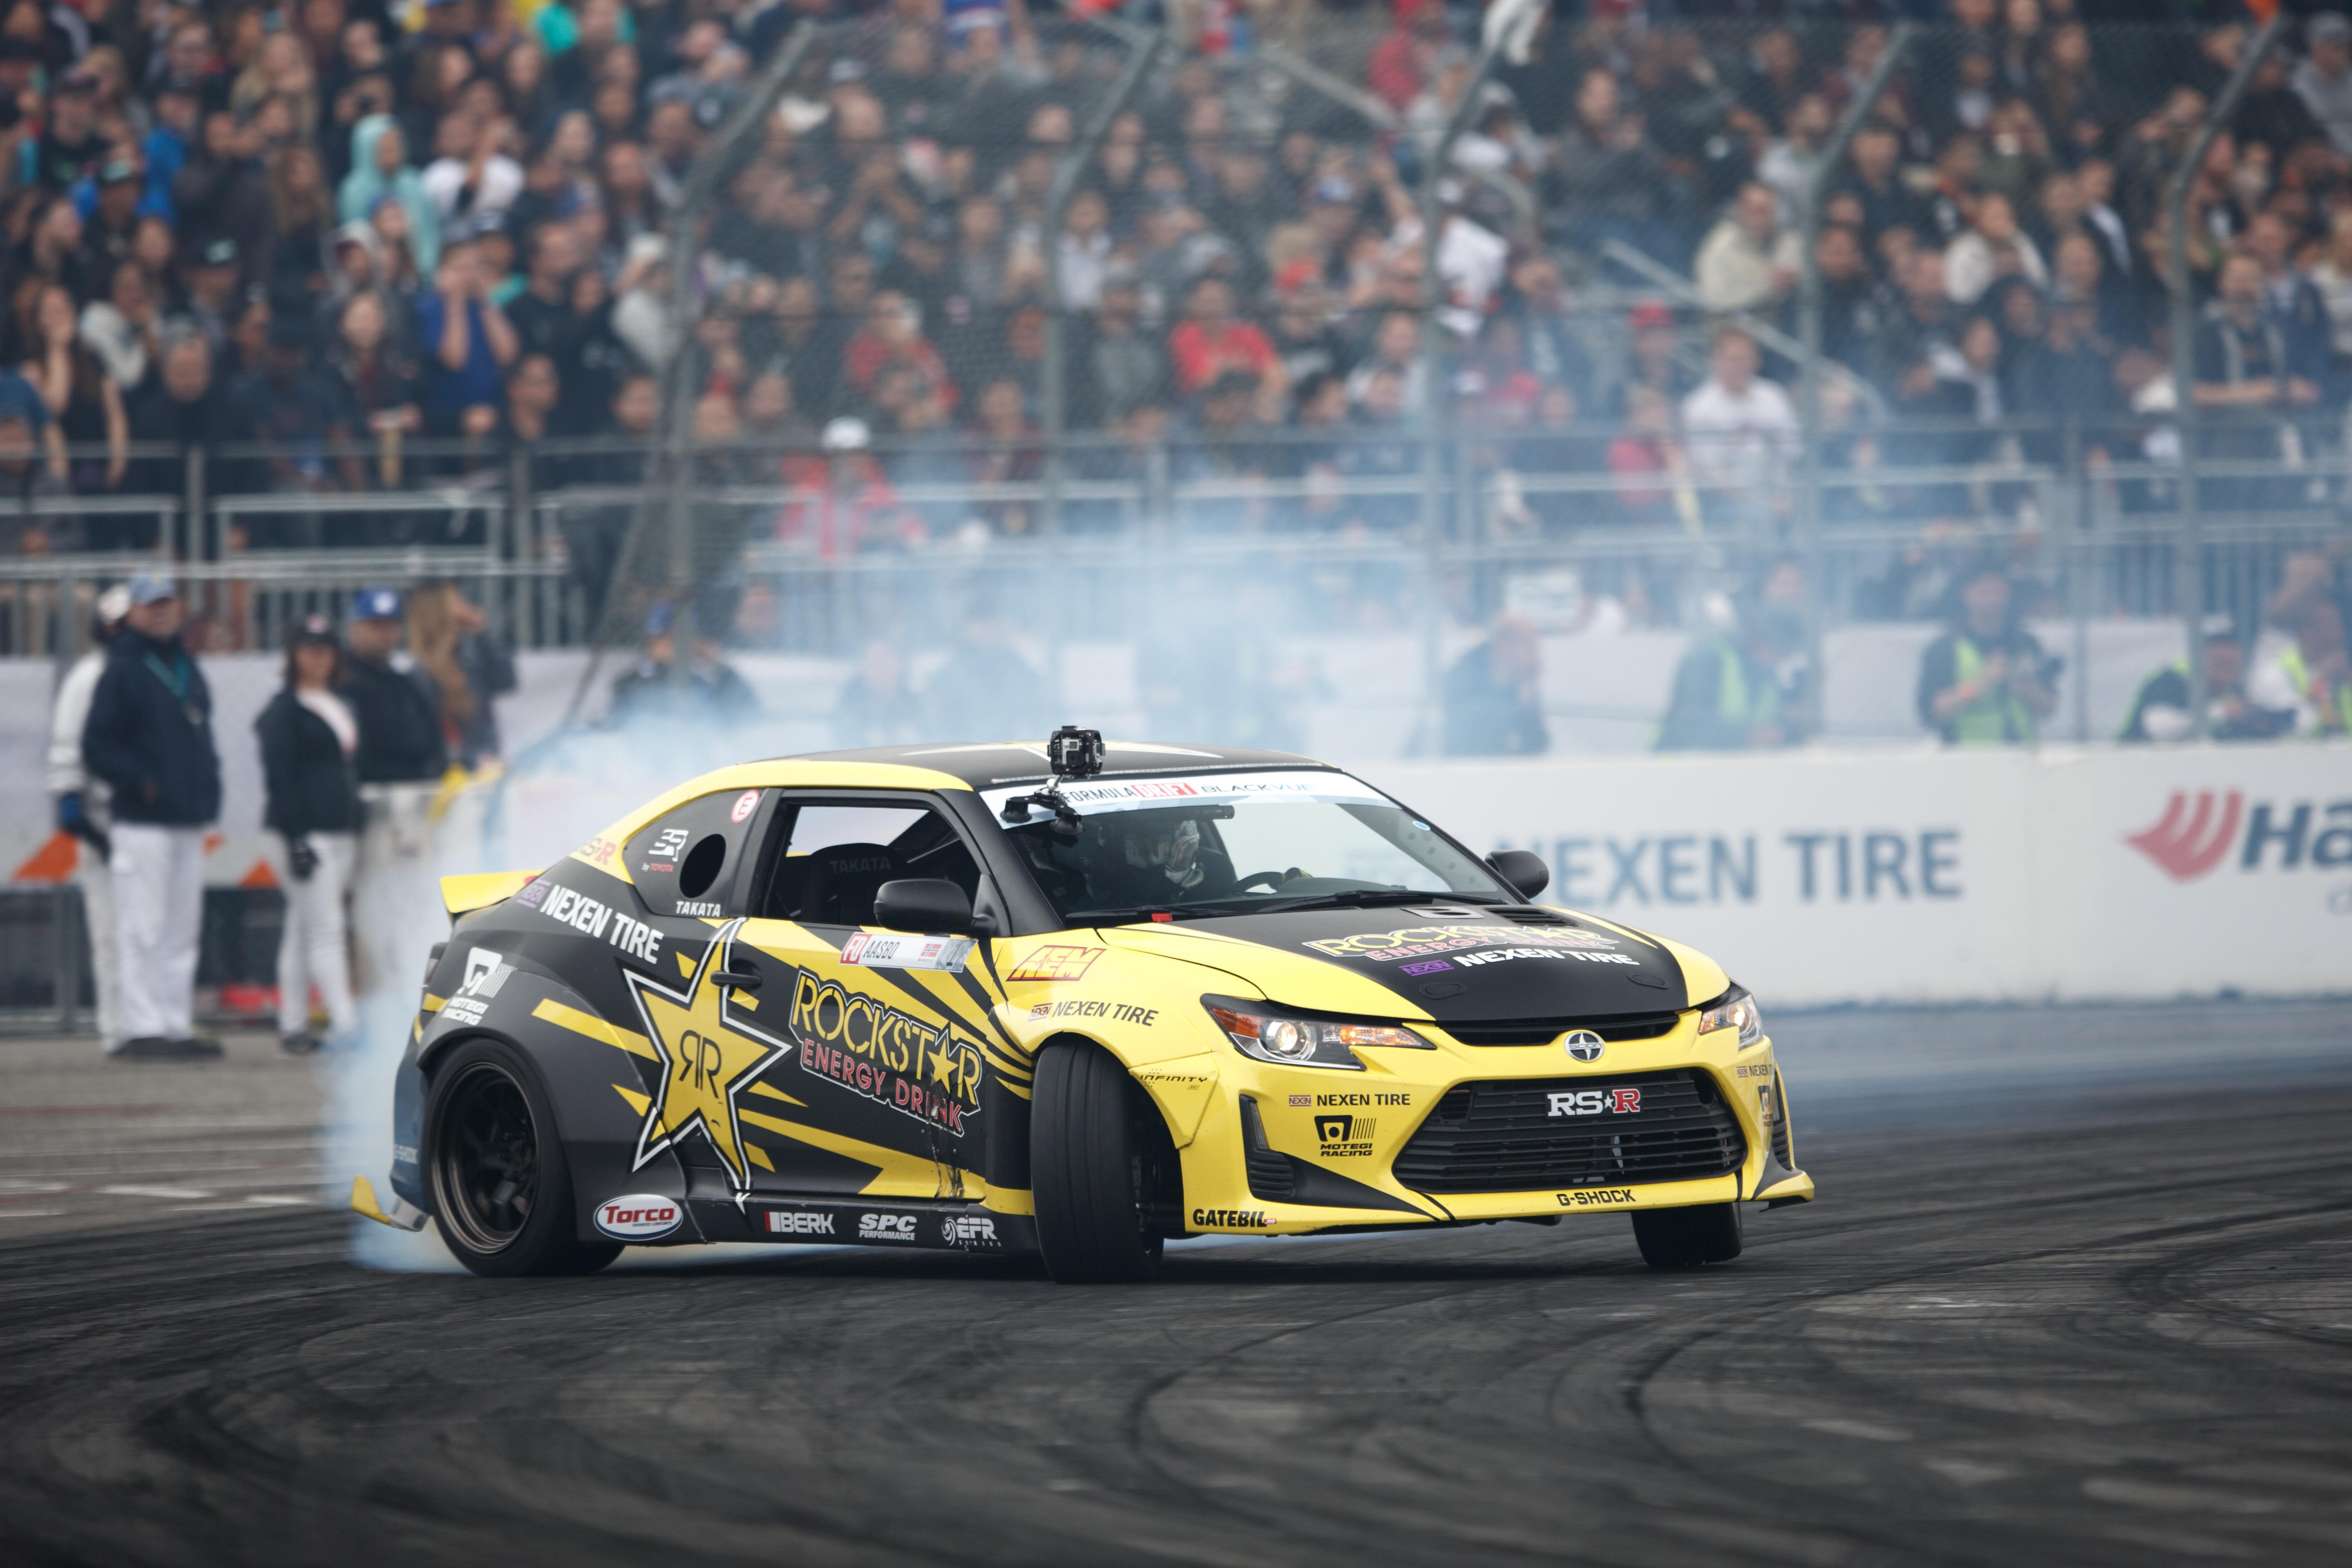 Závodní vůz s pneu Nexen